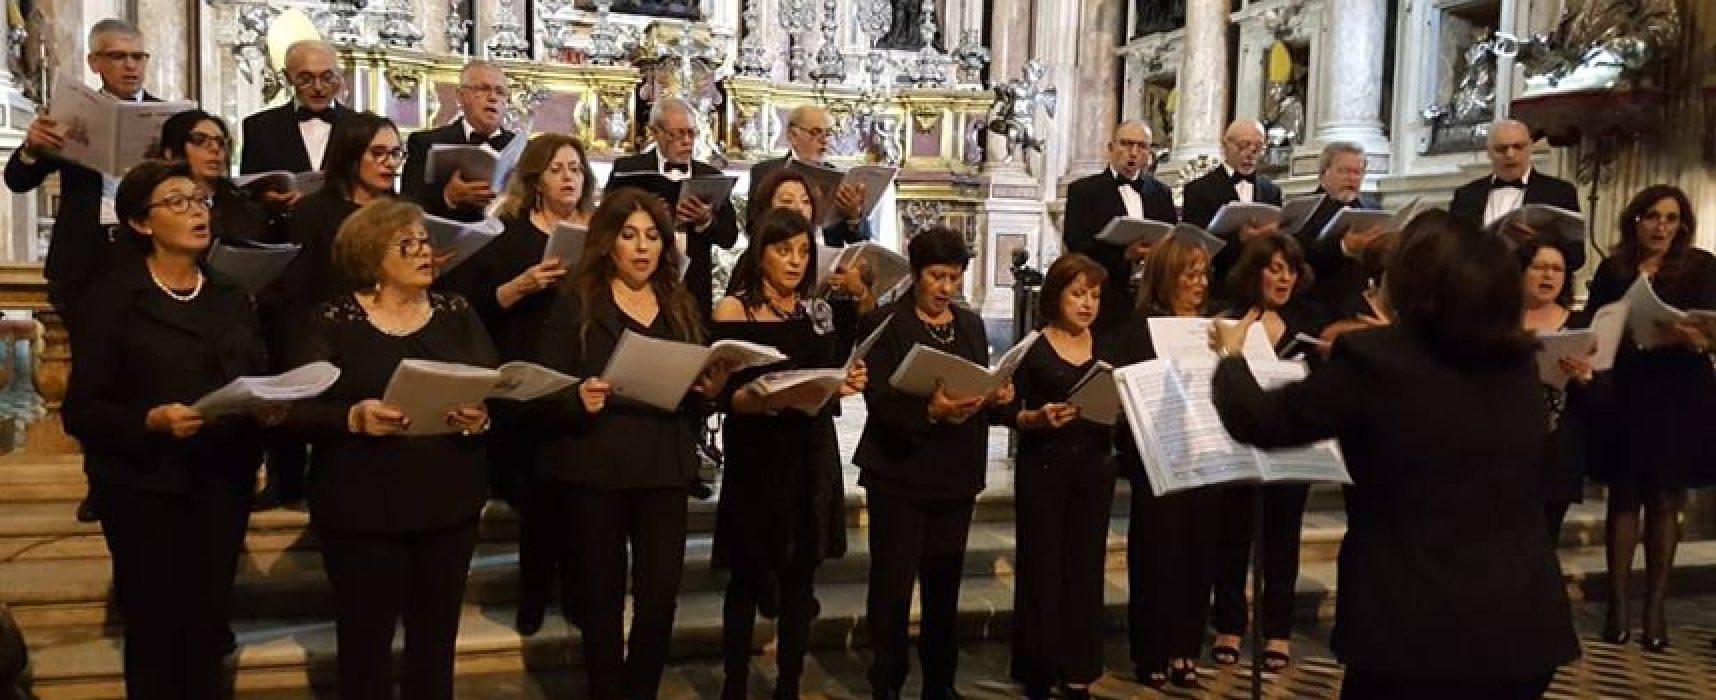 """Coro Polifonico """"New Chorus"""" e """"La Canigghie"""" tra i protagonisti della festa patronale"""